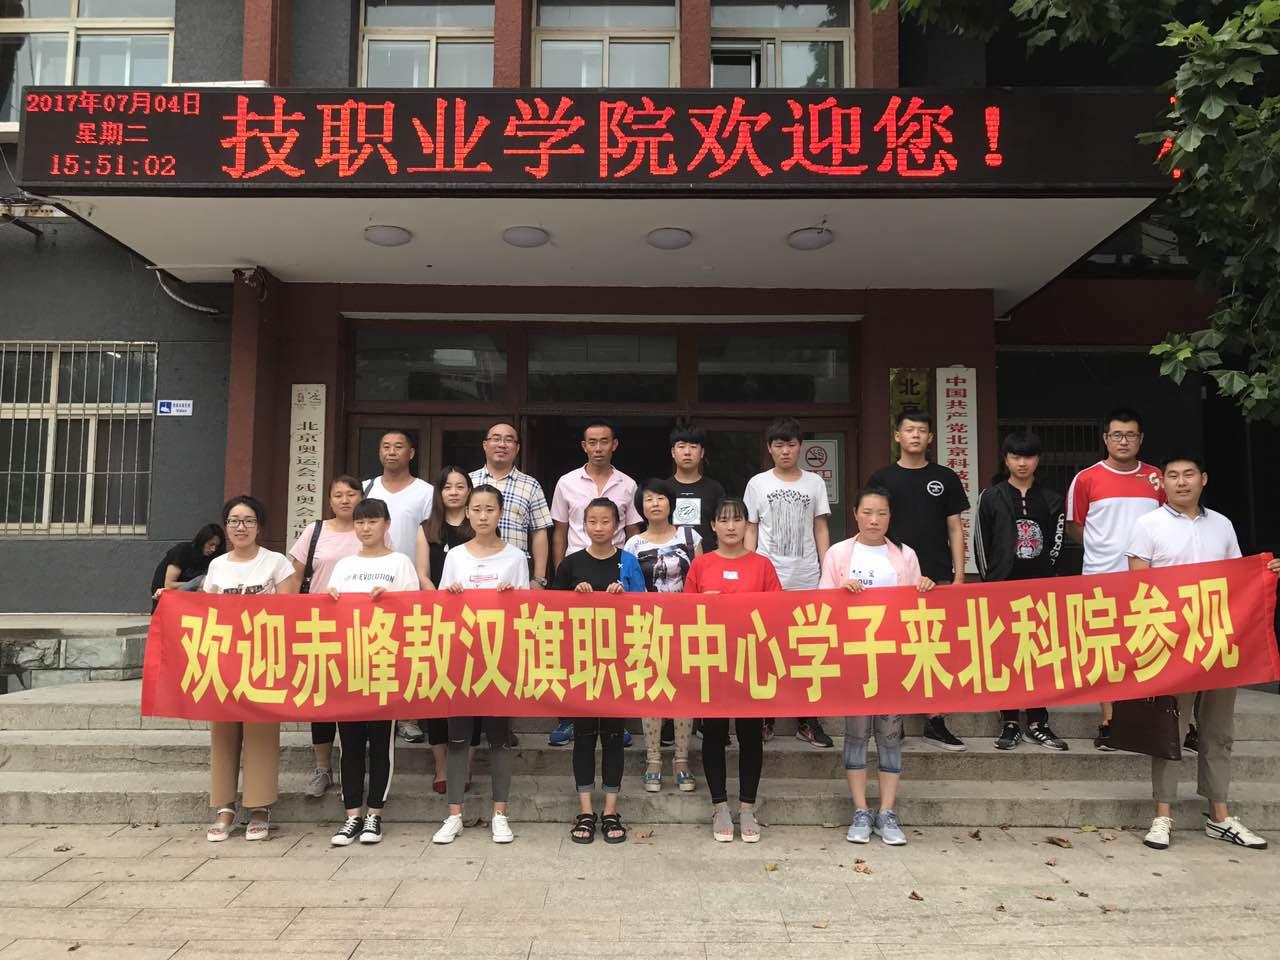 北京科技职业学院面向全国高薪招聘代理